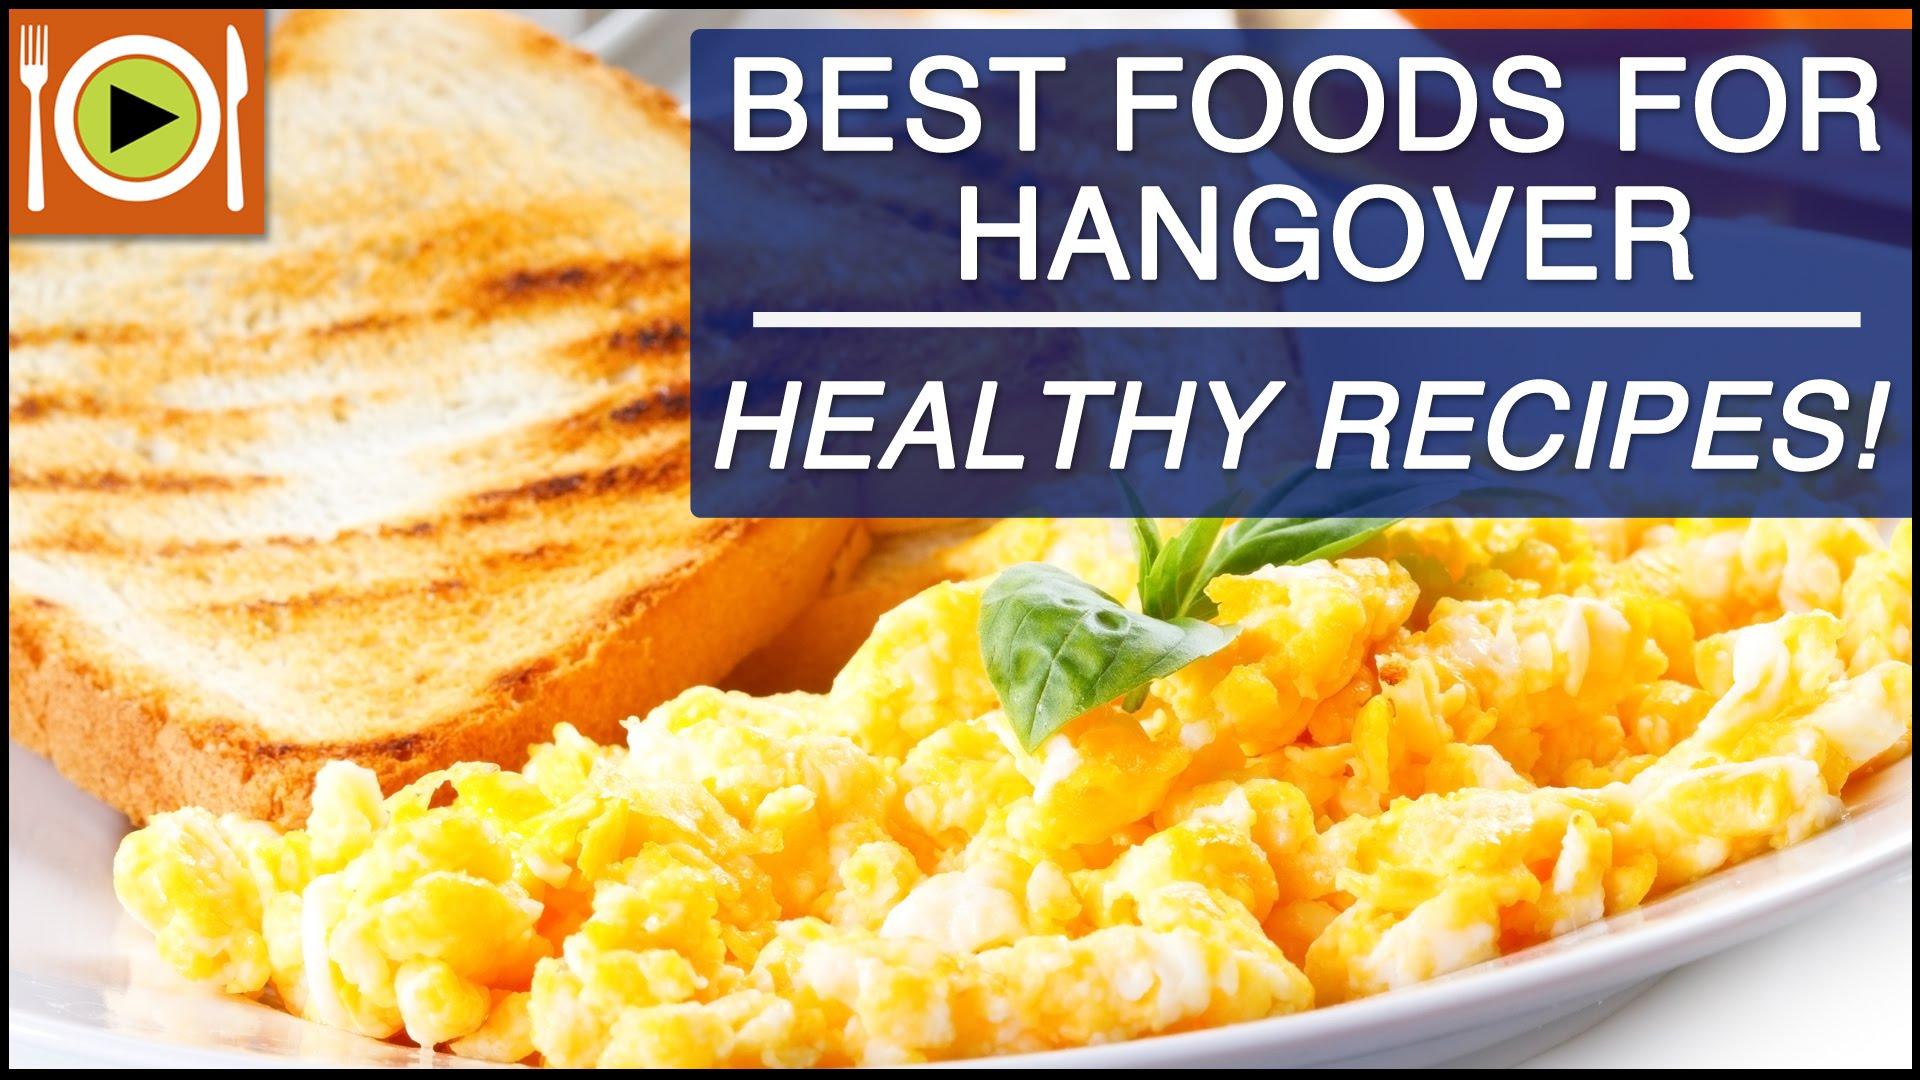 hangover-recipes-cookbook-2